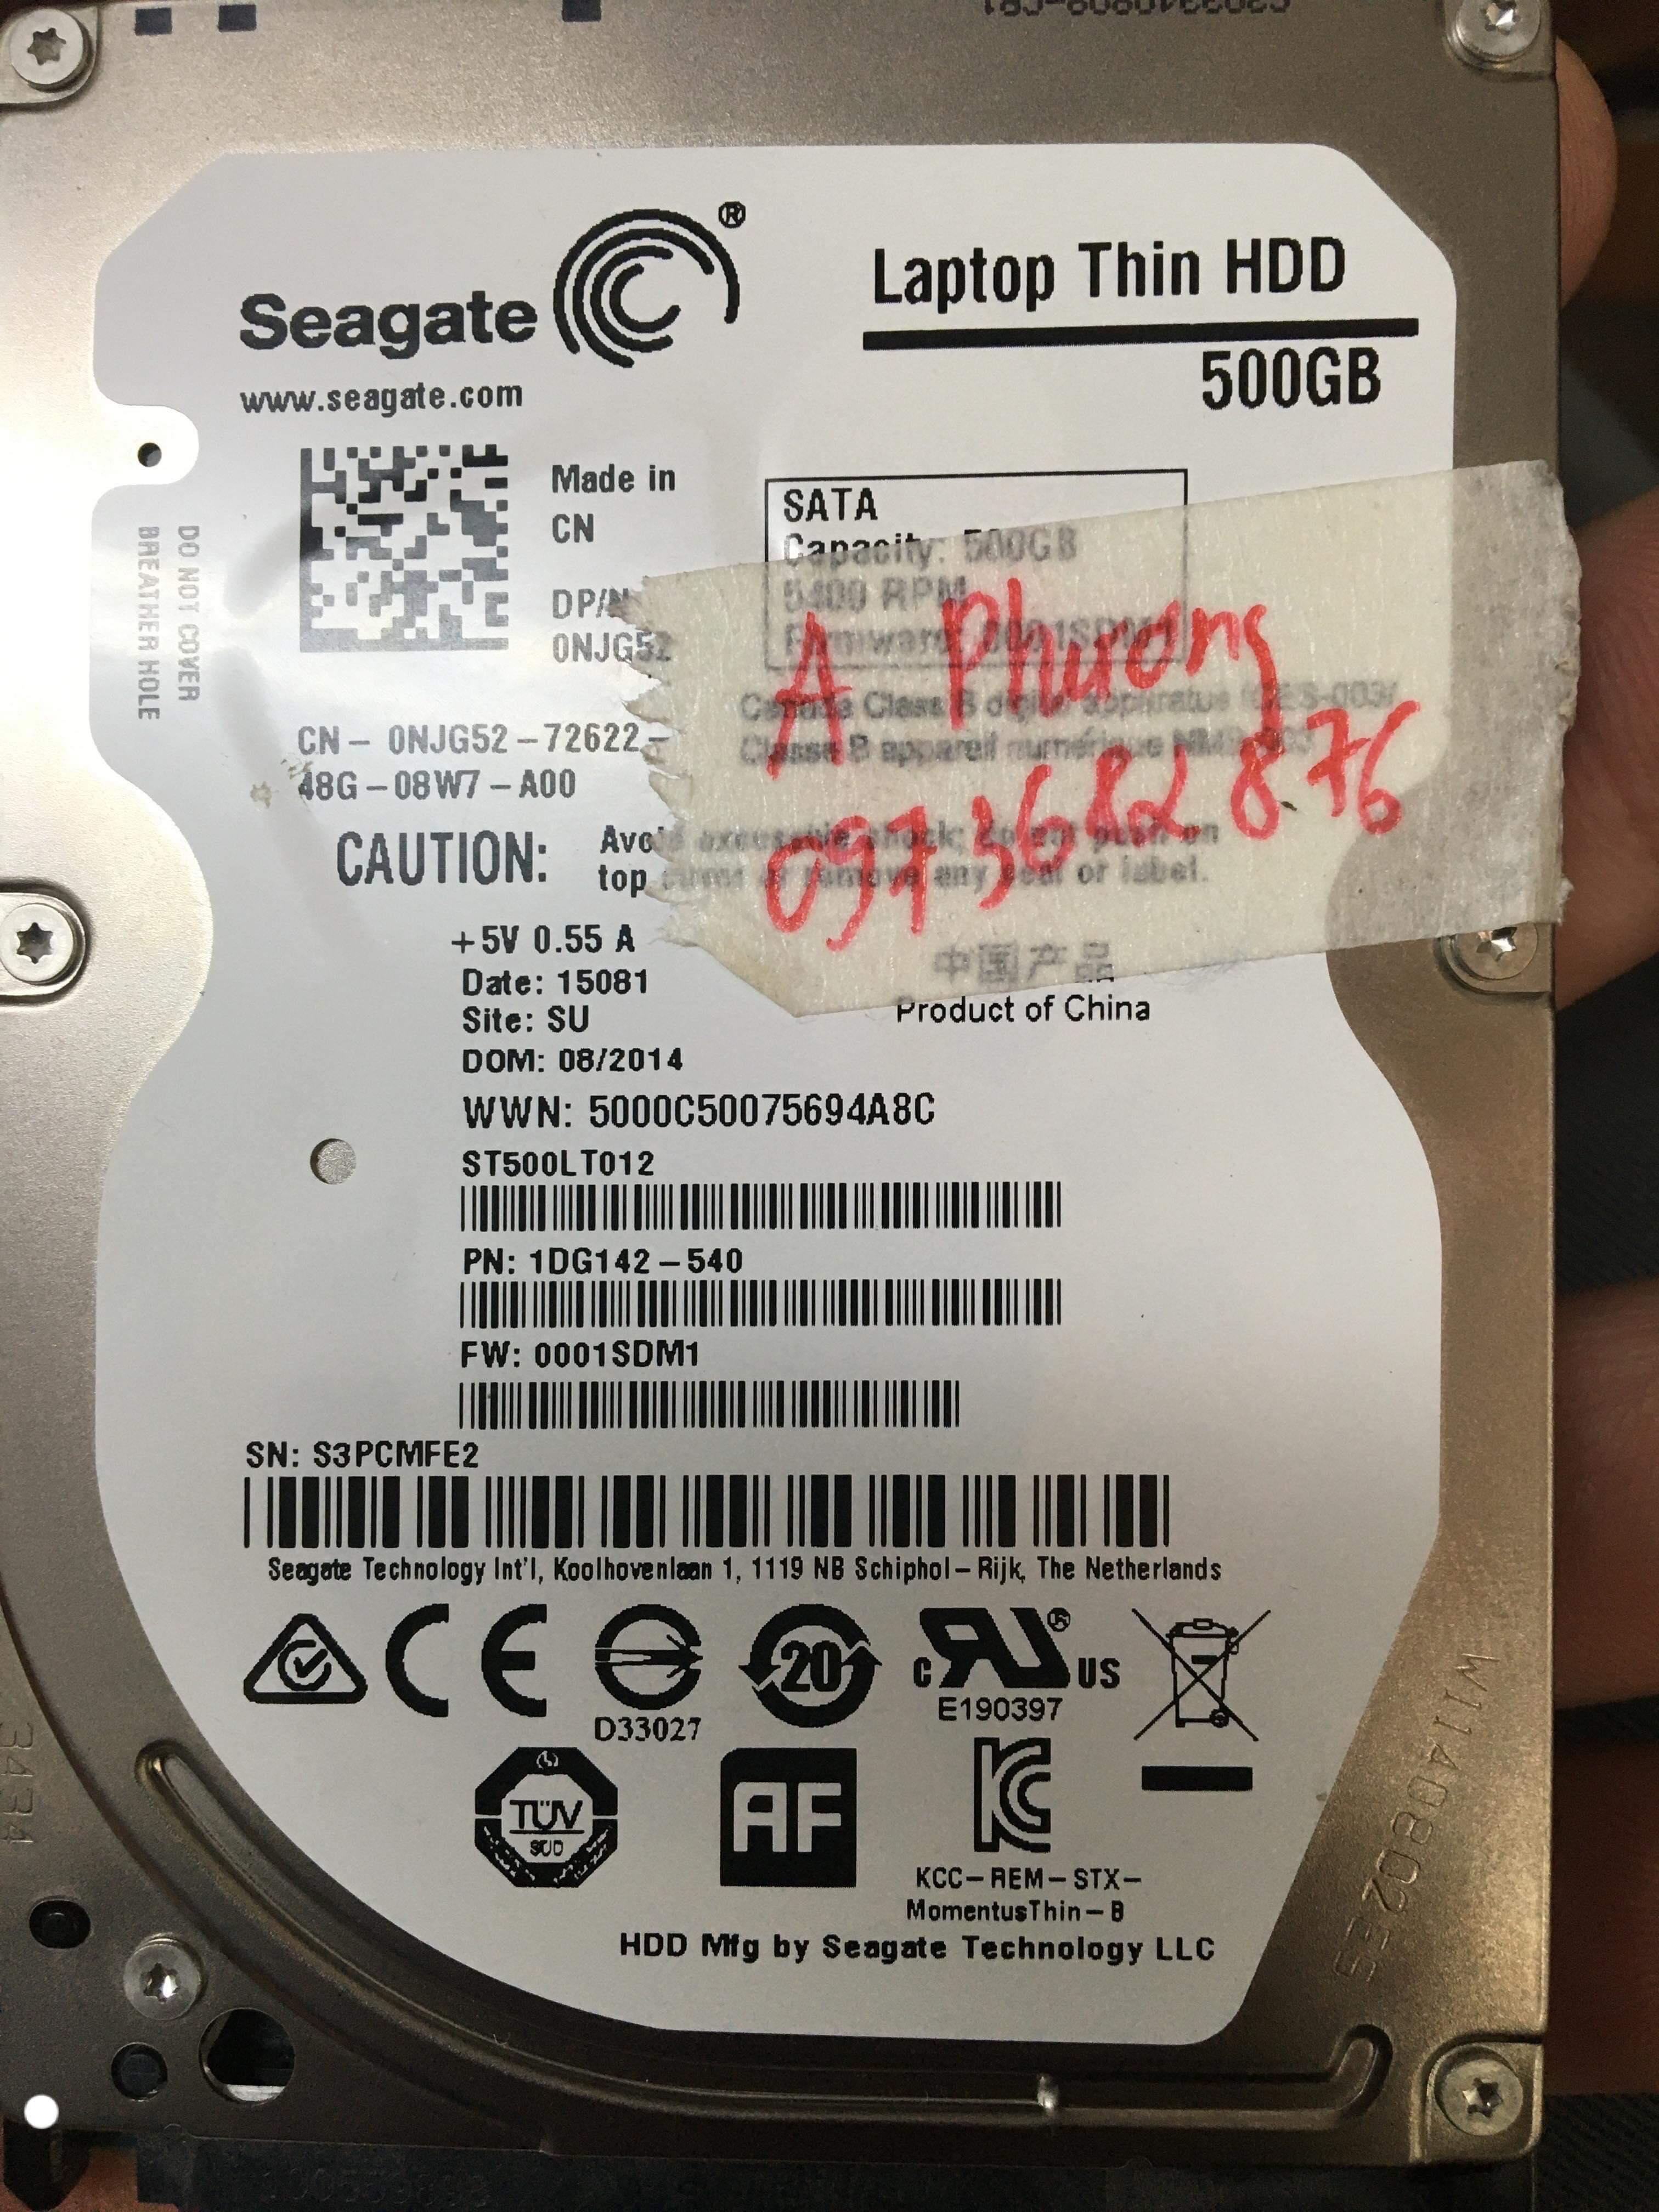 Phục hồi dữ liệu ổ cứng Seagate 500GB lỗi đầu đọc 31/07/2019 - cuumaytinh